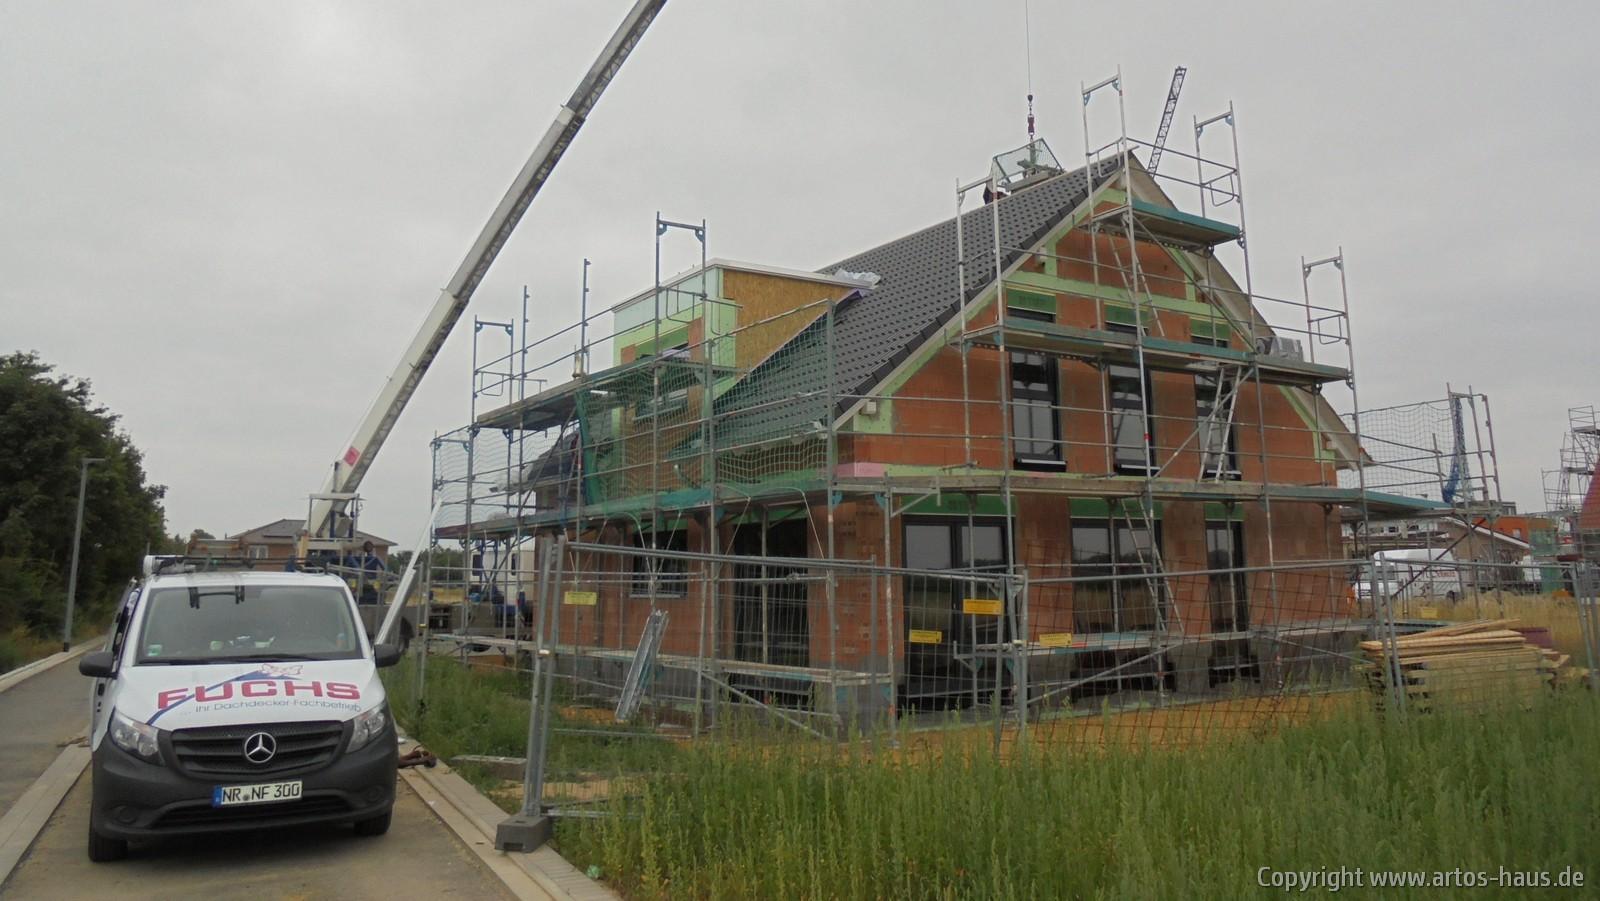 Dacheindeckung BV Korschenbroich | ARTOS-HAUS Bild 1